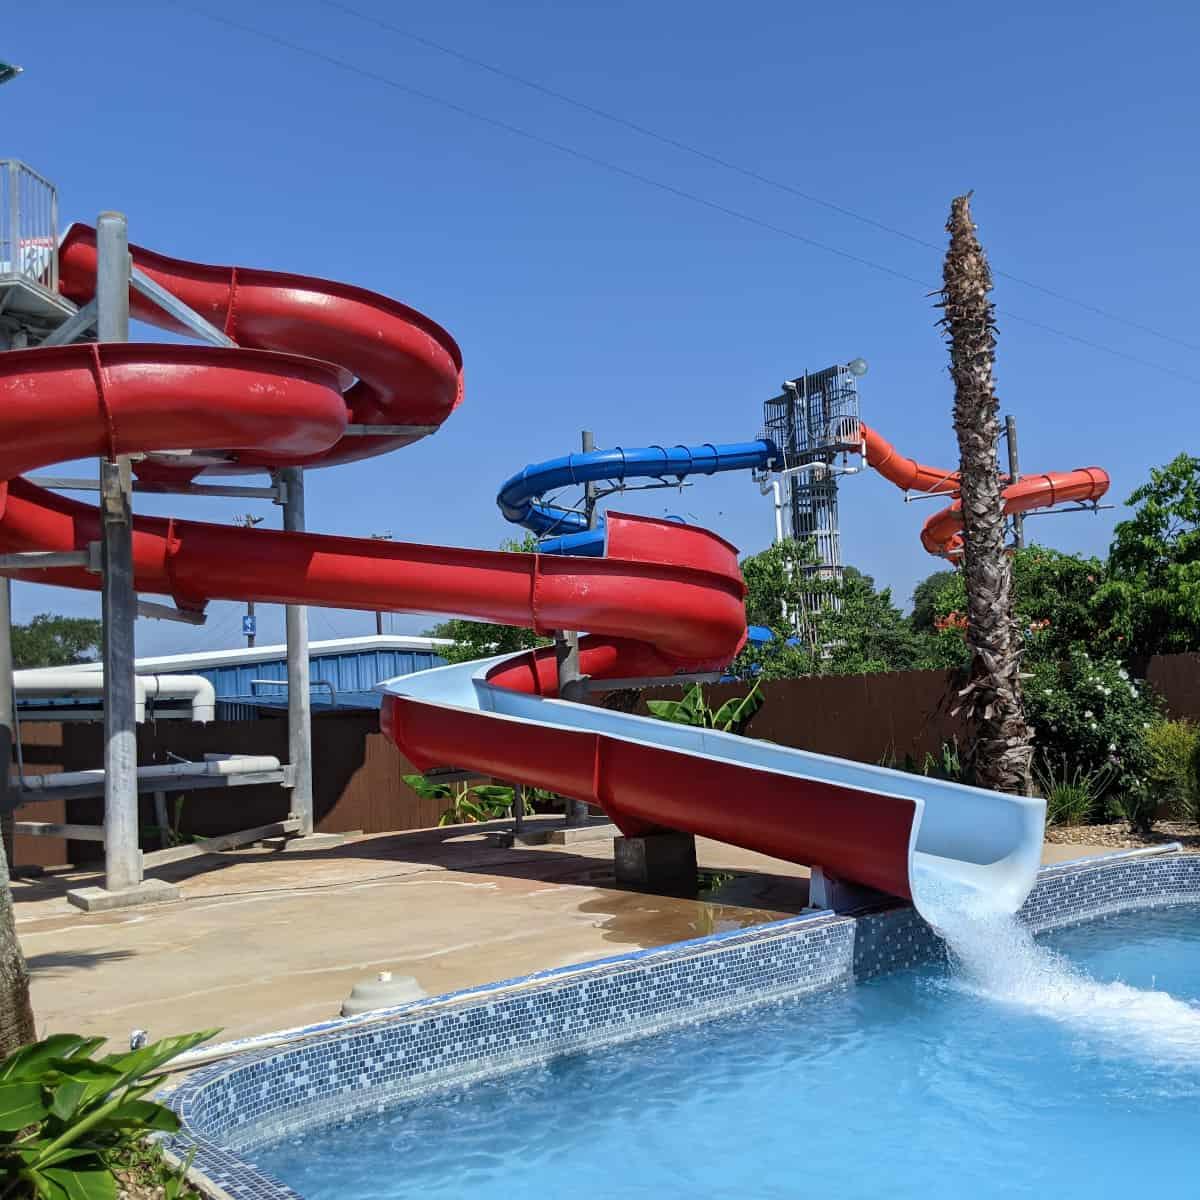 Splashway Waterpark Little Slide